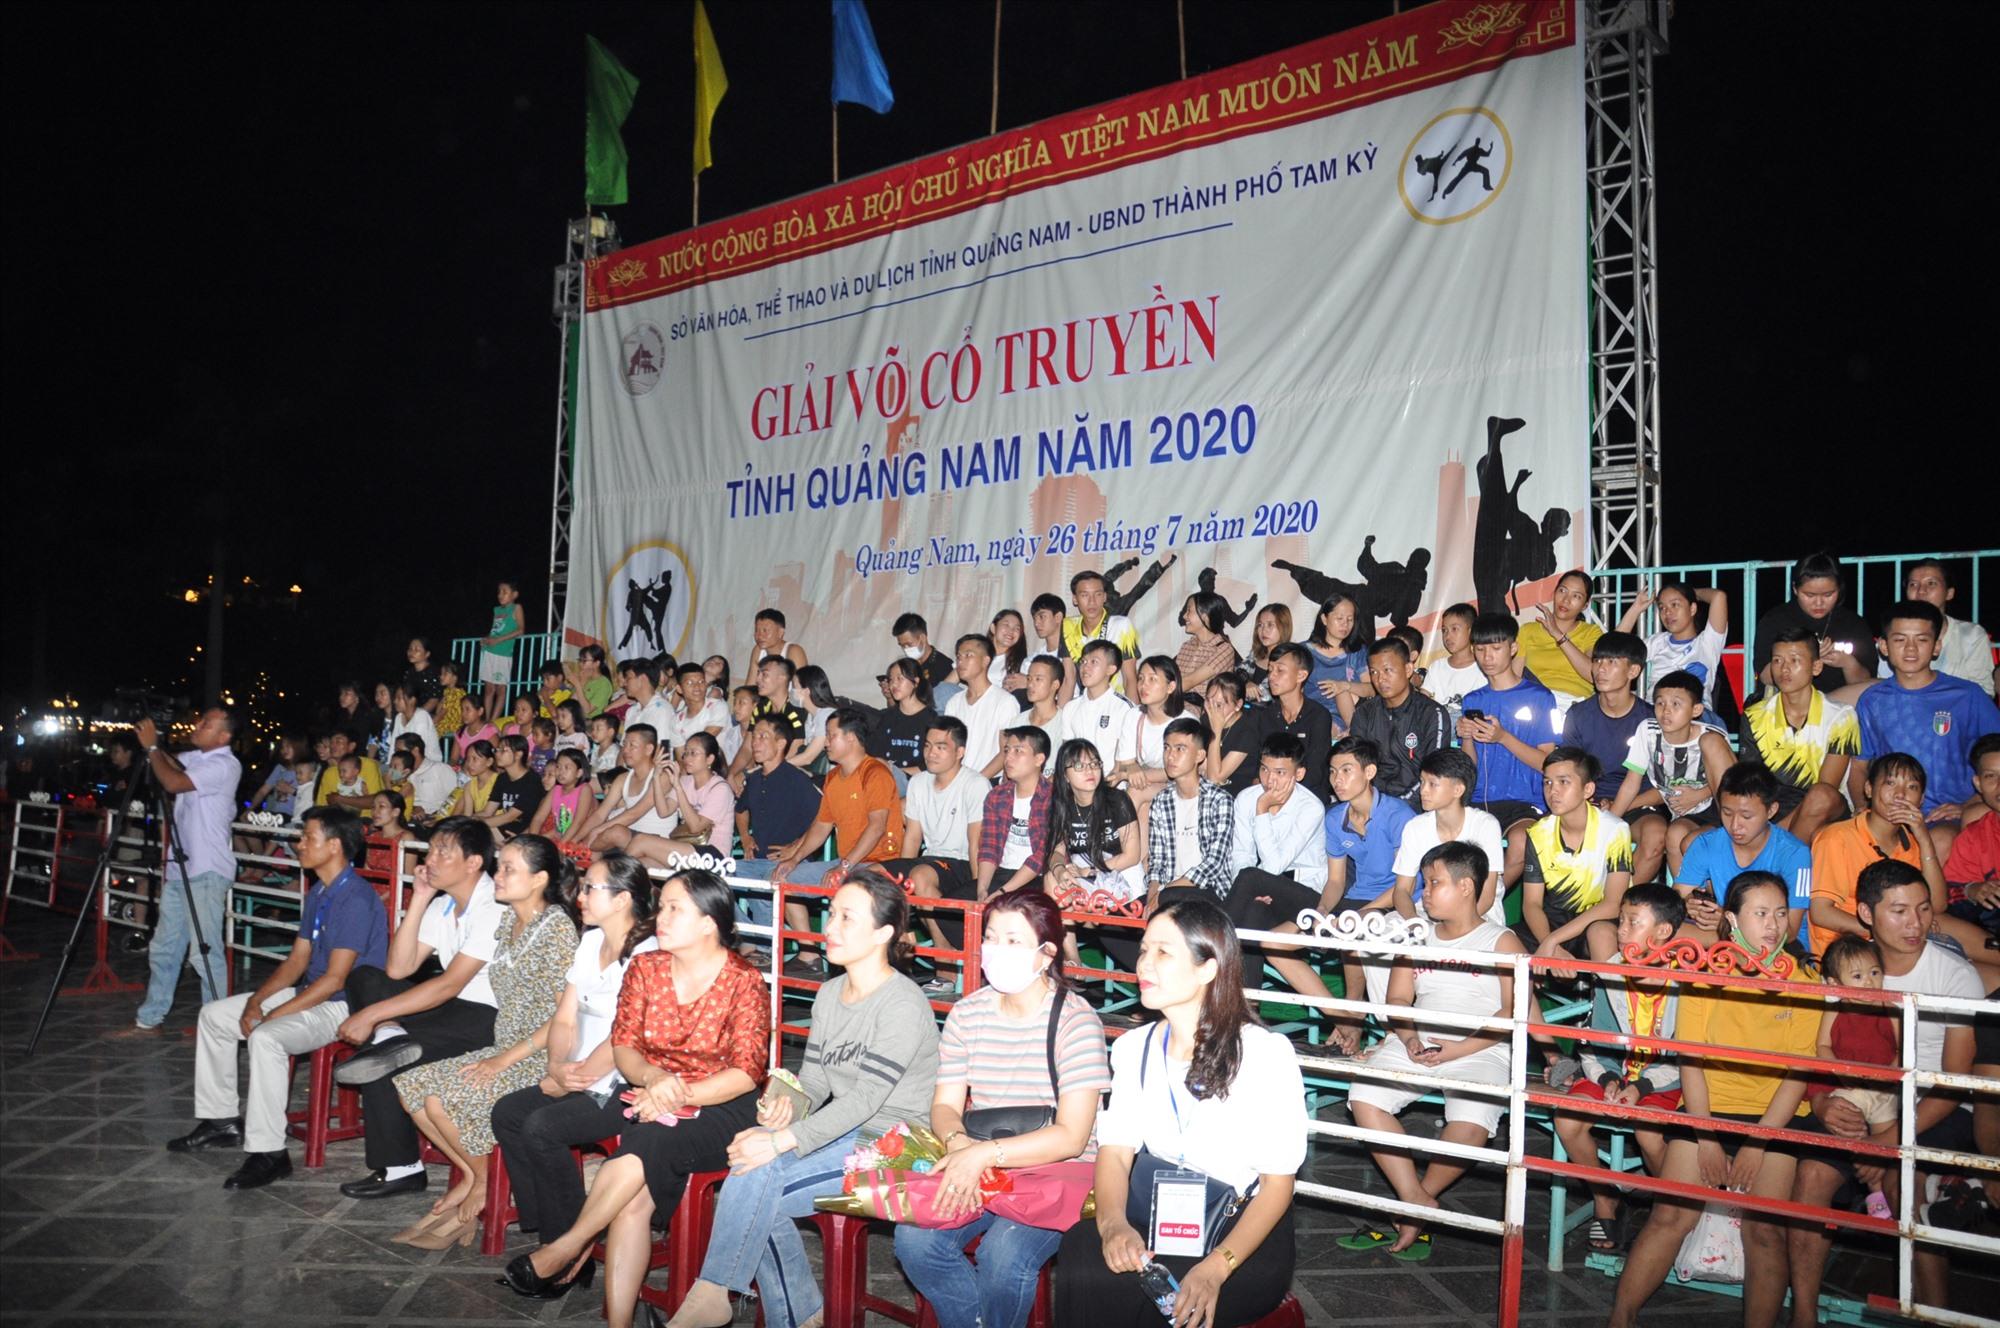 Khá đông người hâm mộ đến dự xem đêm khai mạc. Ảnh: T.V